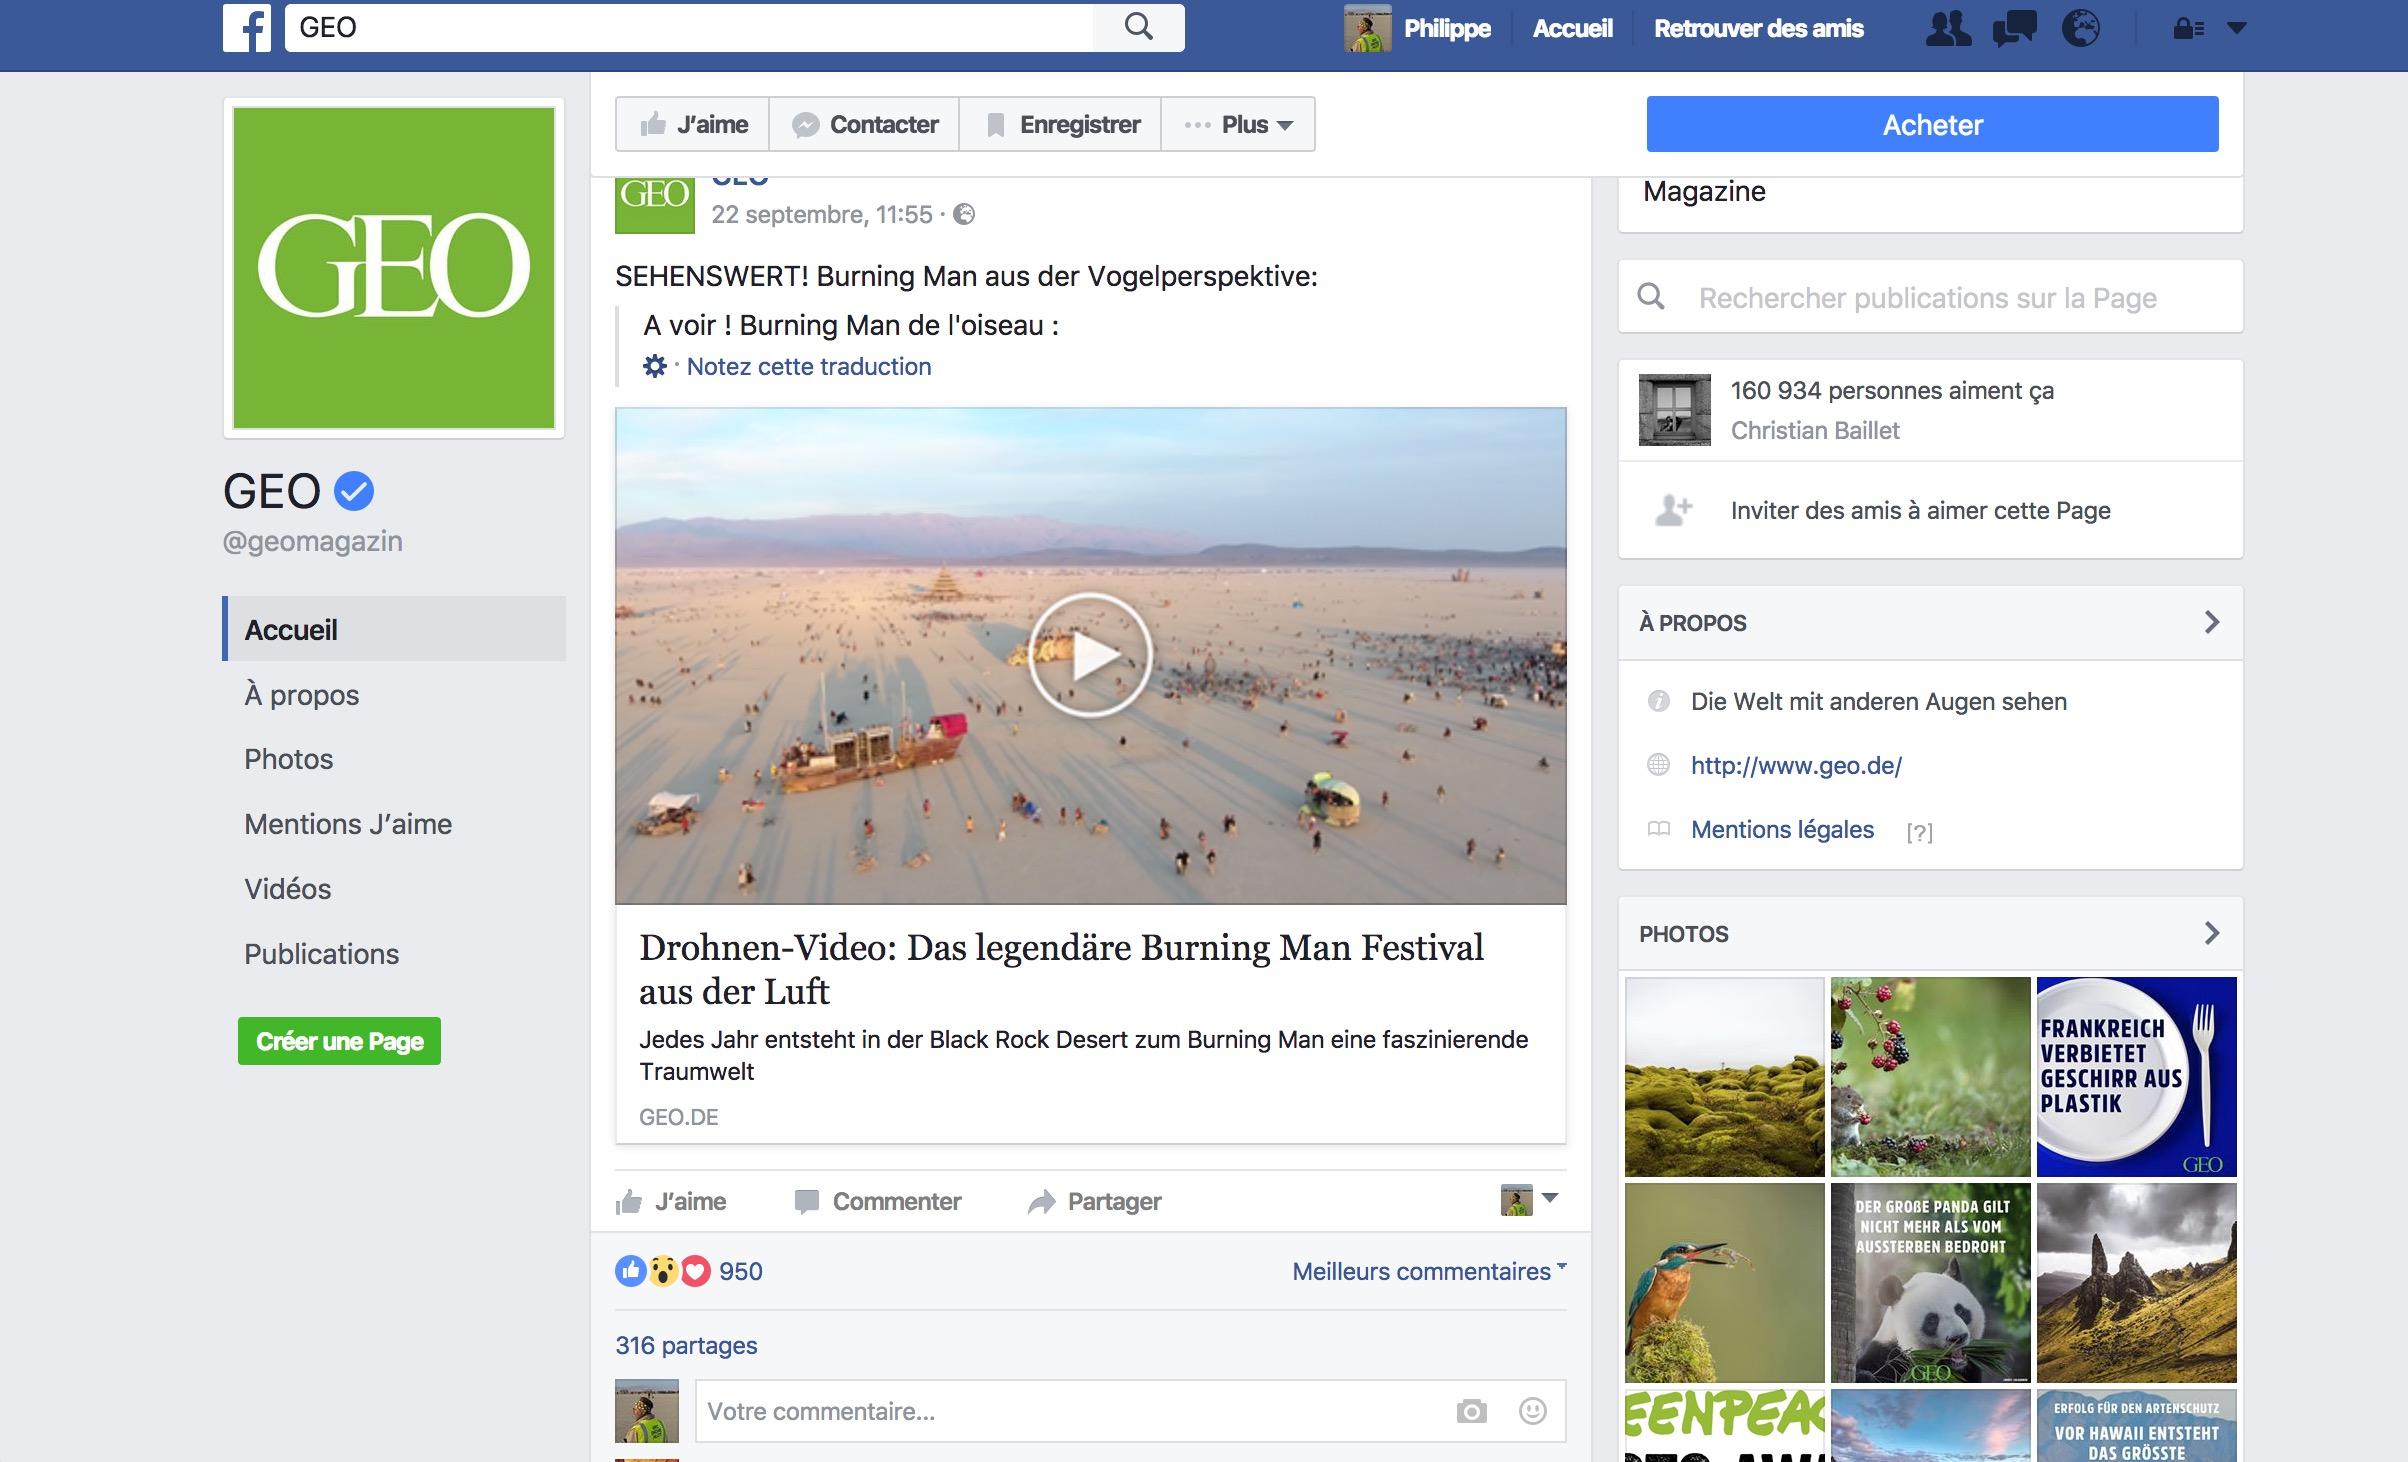 Capture d'écran 2016-09-24 à 20.54.51.jpg